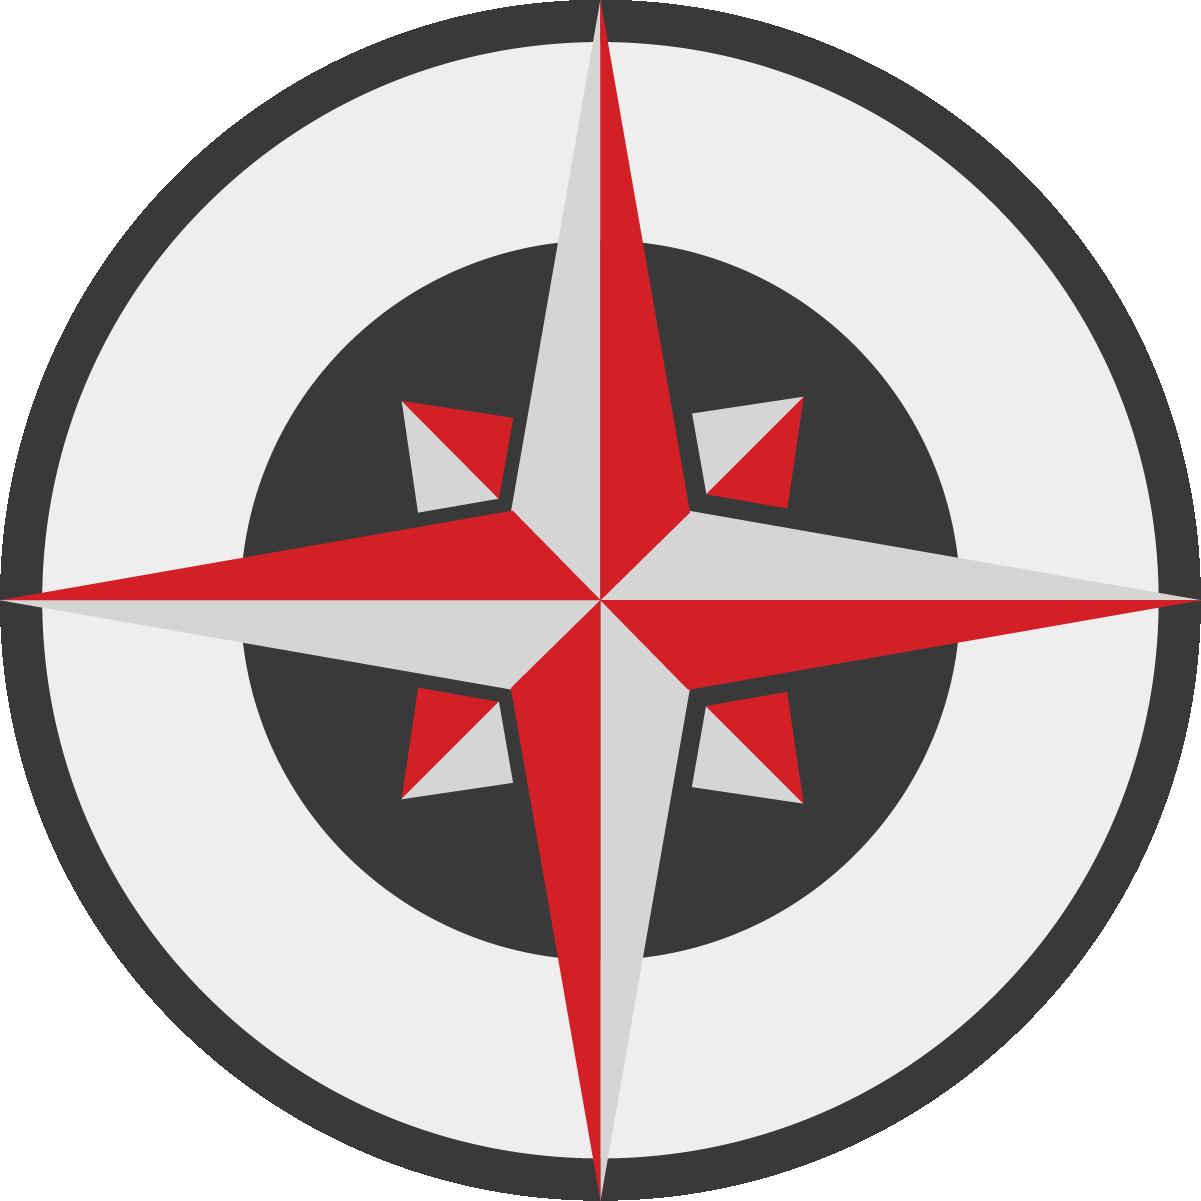 kc_button_guidance